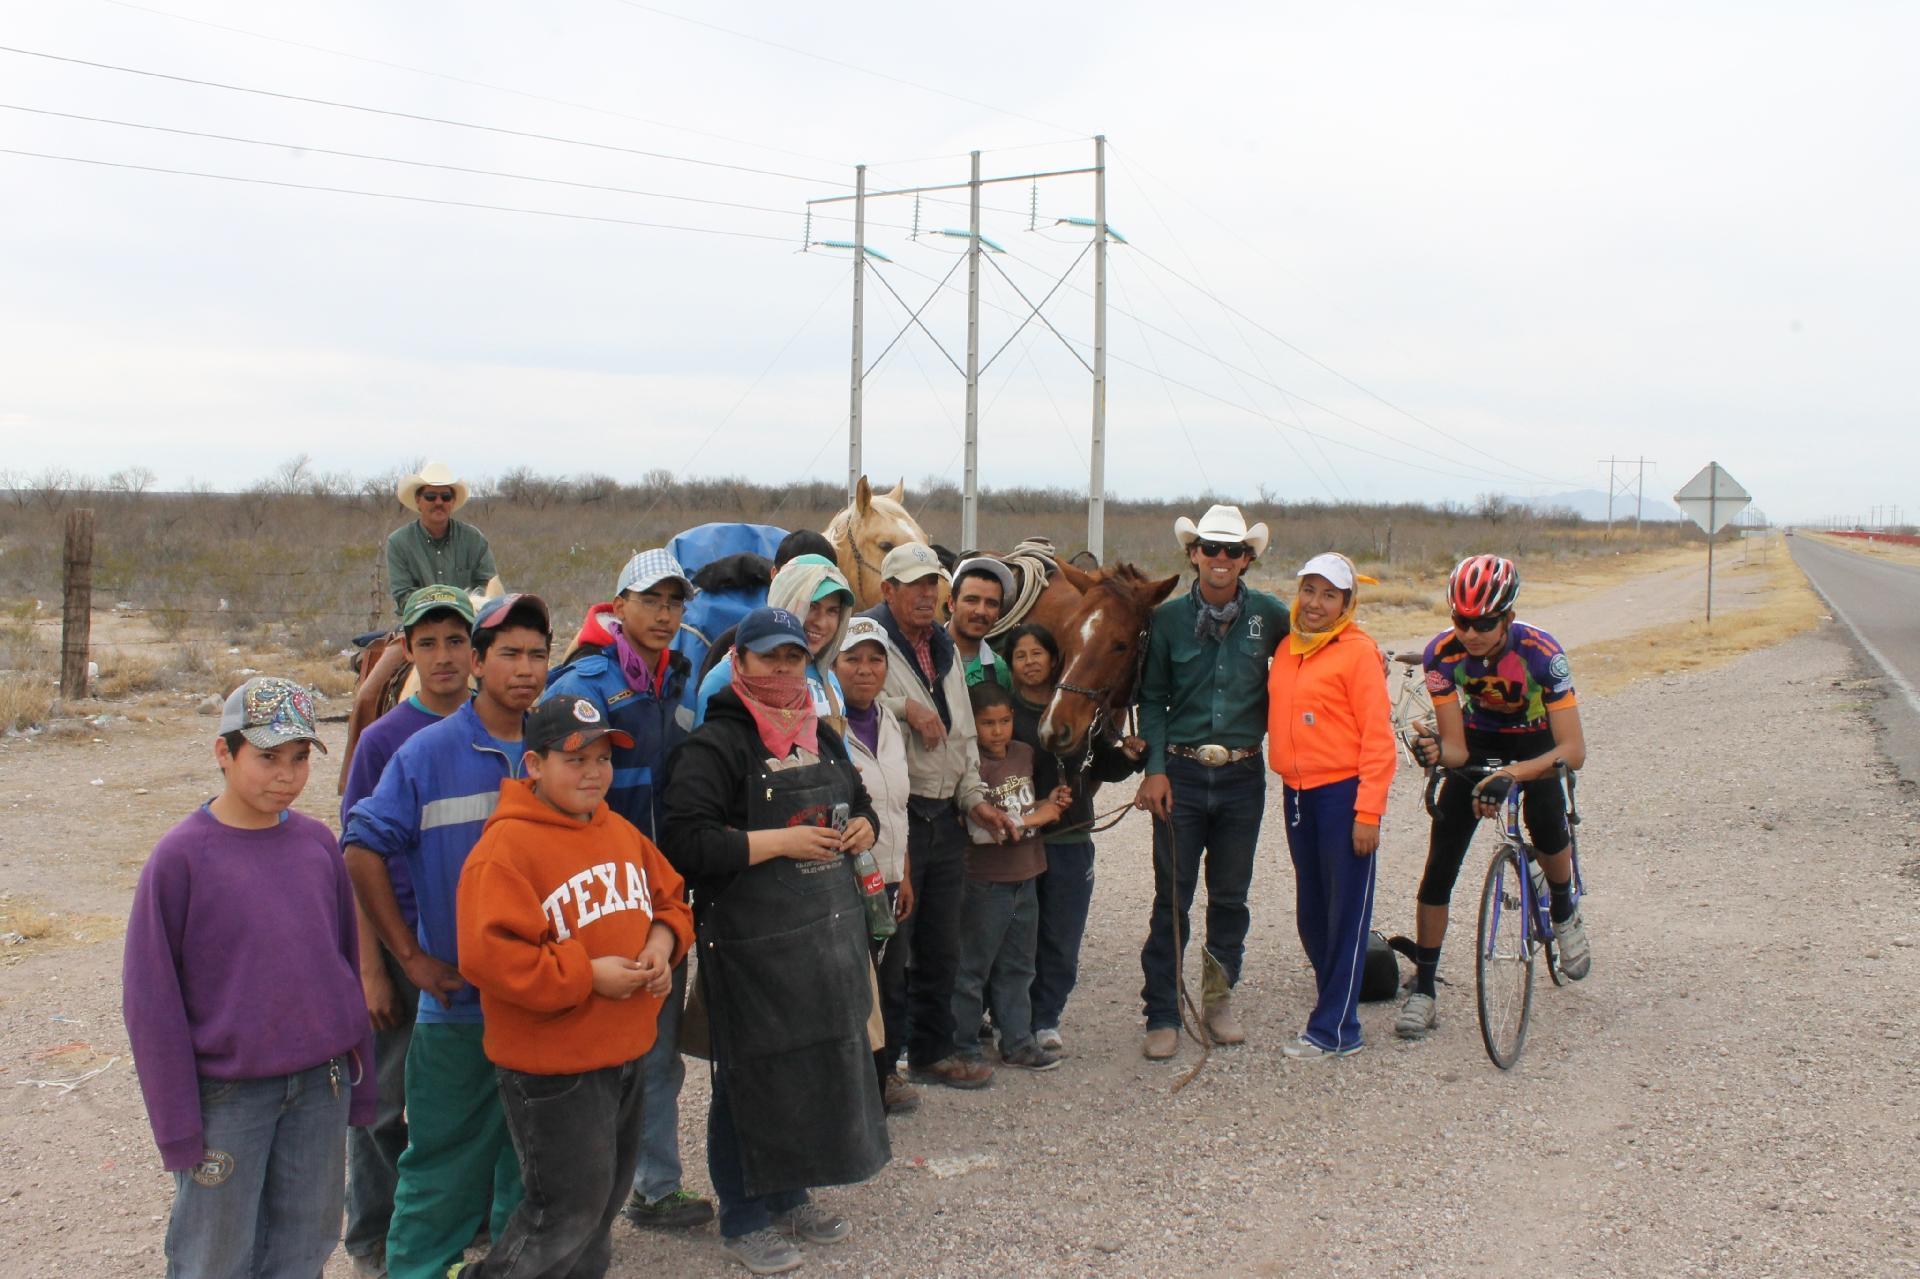 Encontro com moradores em Camargo, Chihuahua, México - Arquivo pessoal